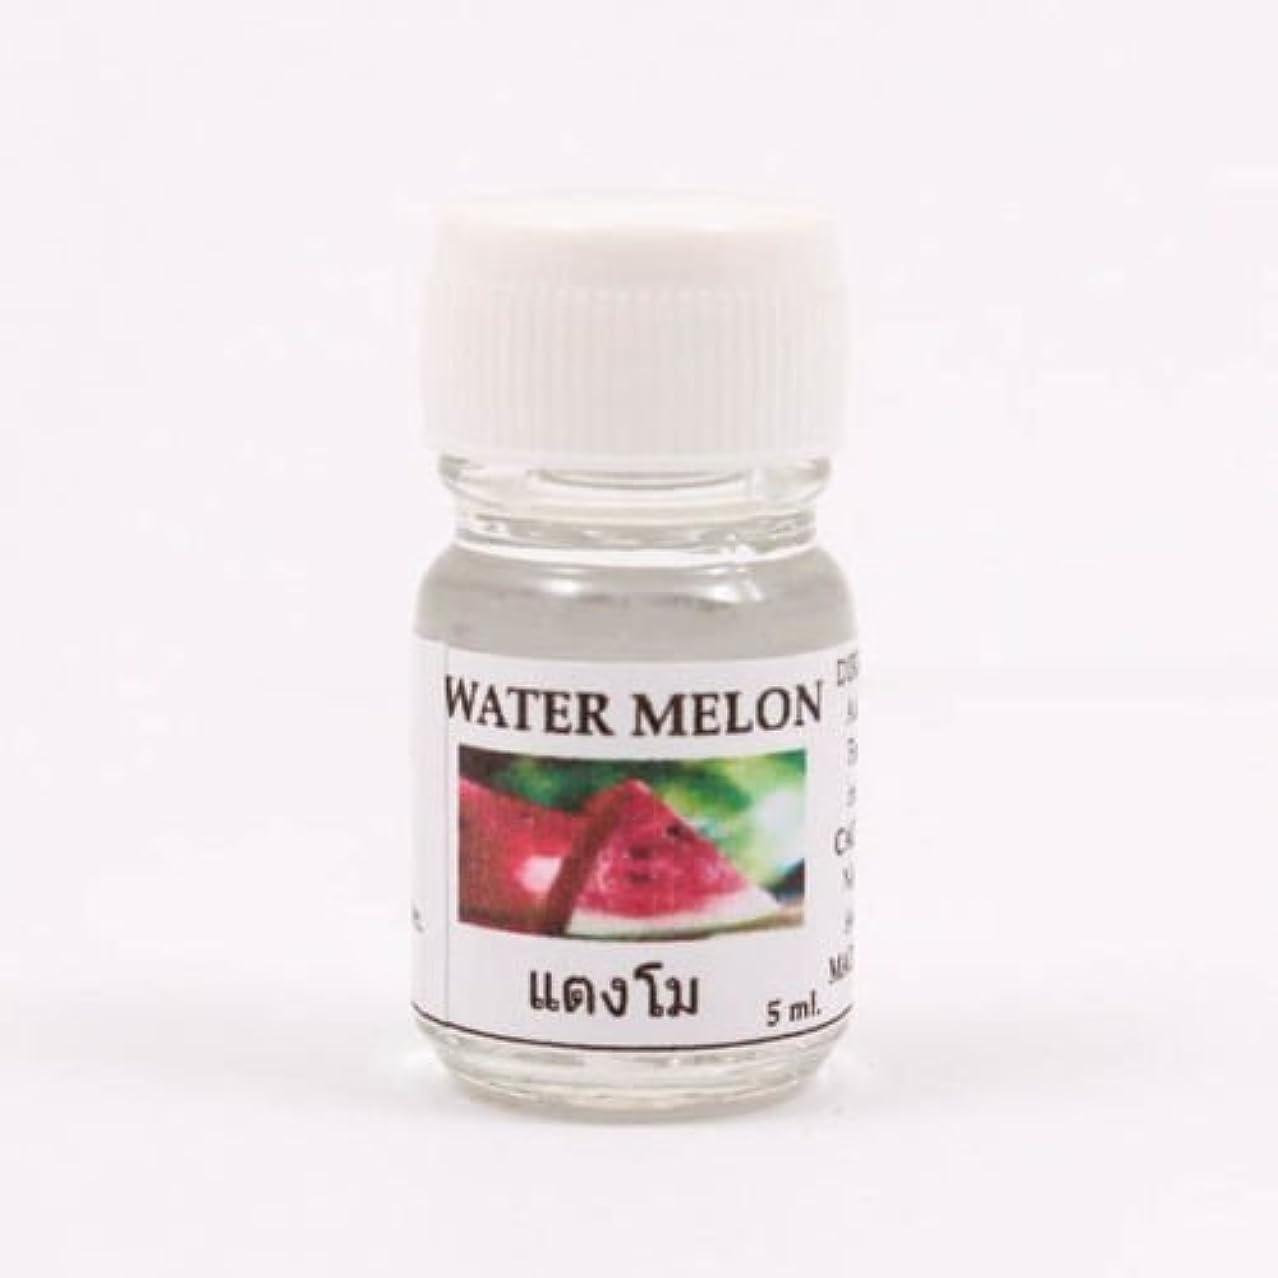 傭兵オレンジ侵略6X Water Melon Aroma Fragrance Essential Oil 5ML Diffuser Burner Therapy